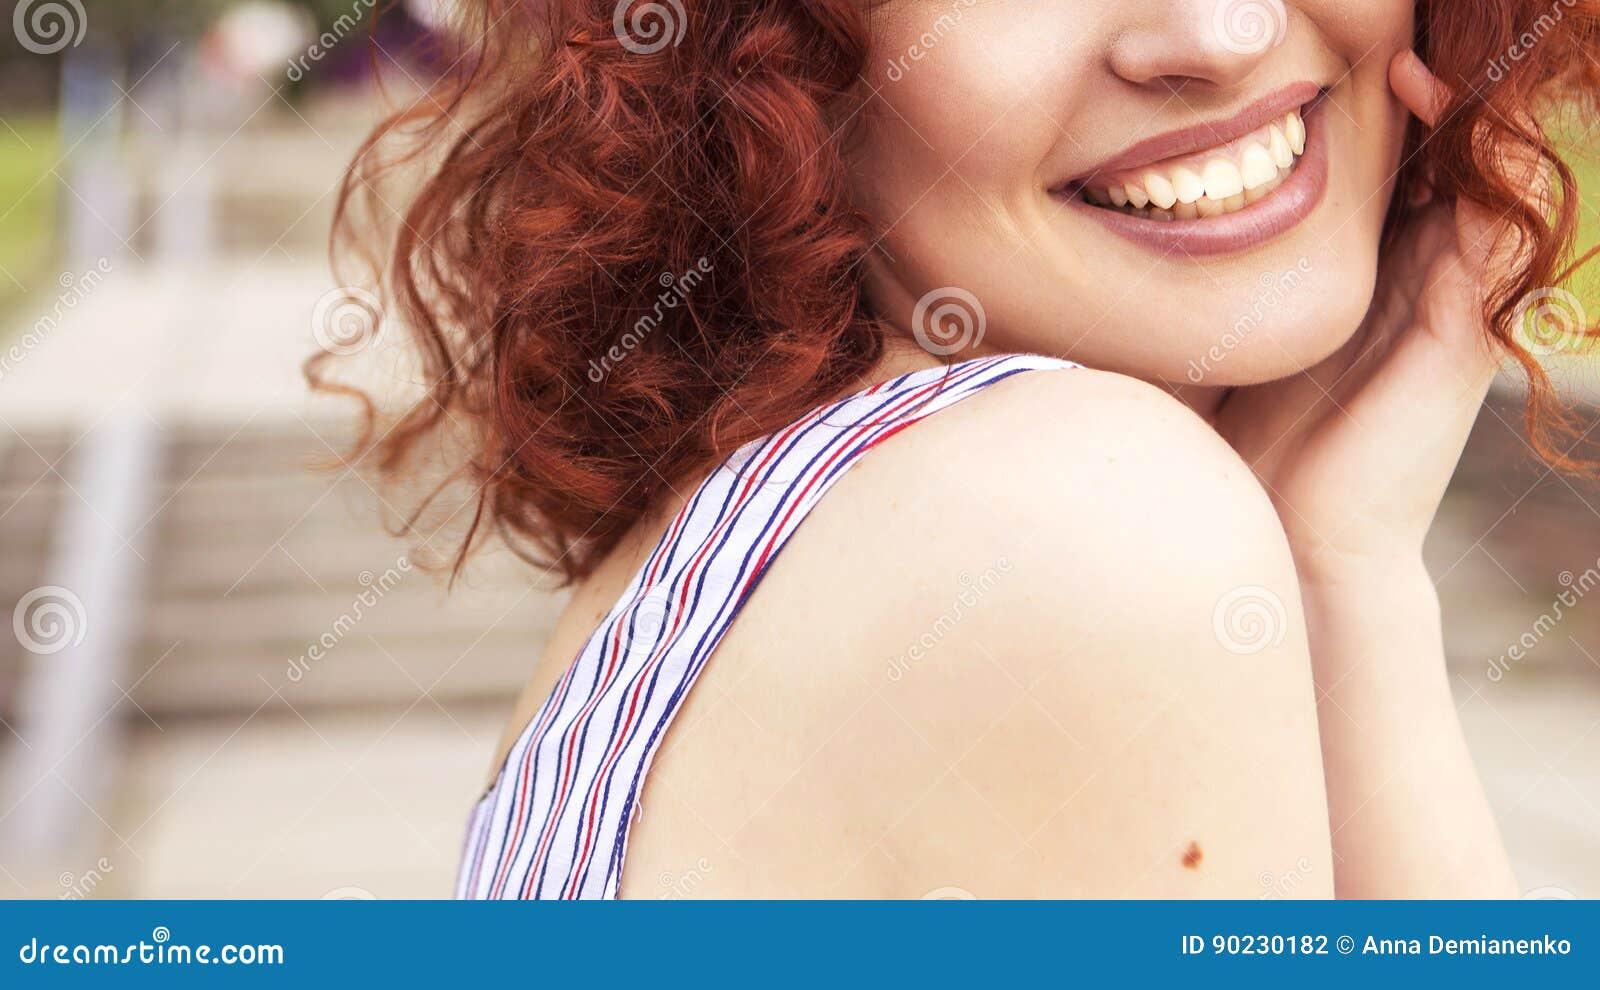 Schöne rote behaarte Frau mit frischer makelloser Haut und gelocktem ha